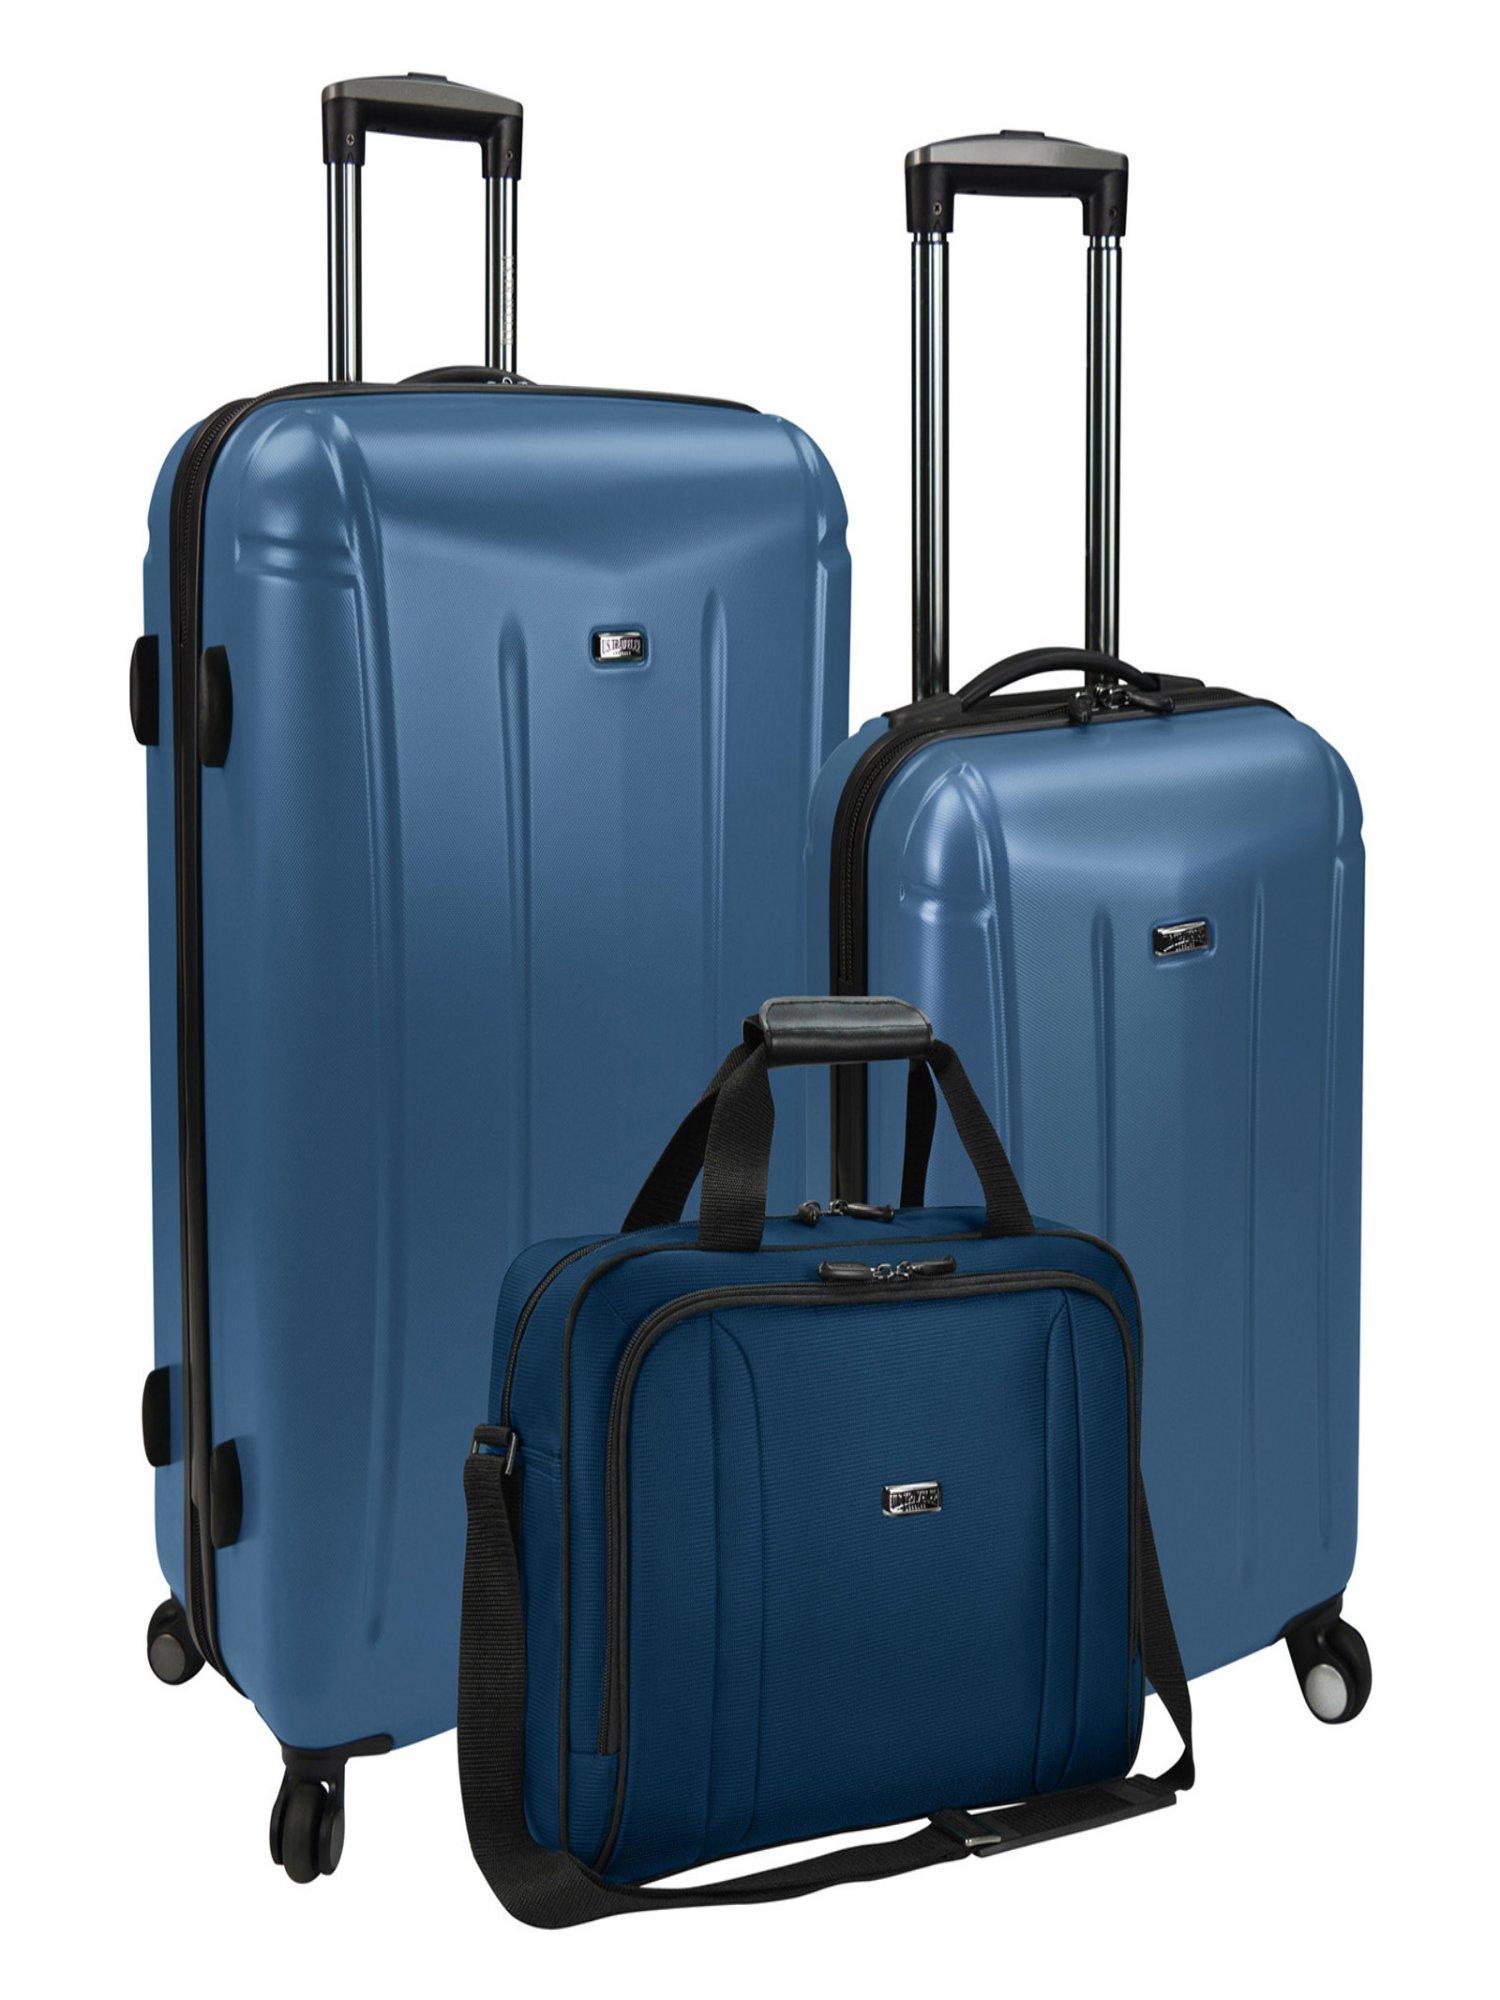 US Traveler Hytop 3 Piece Hybrid Luggage Set